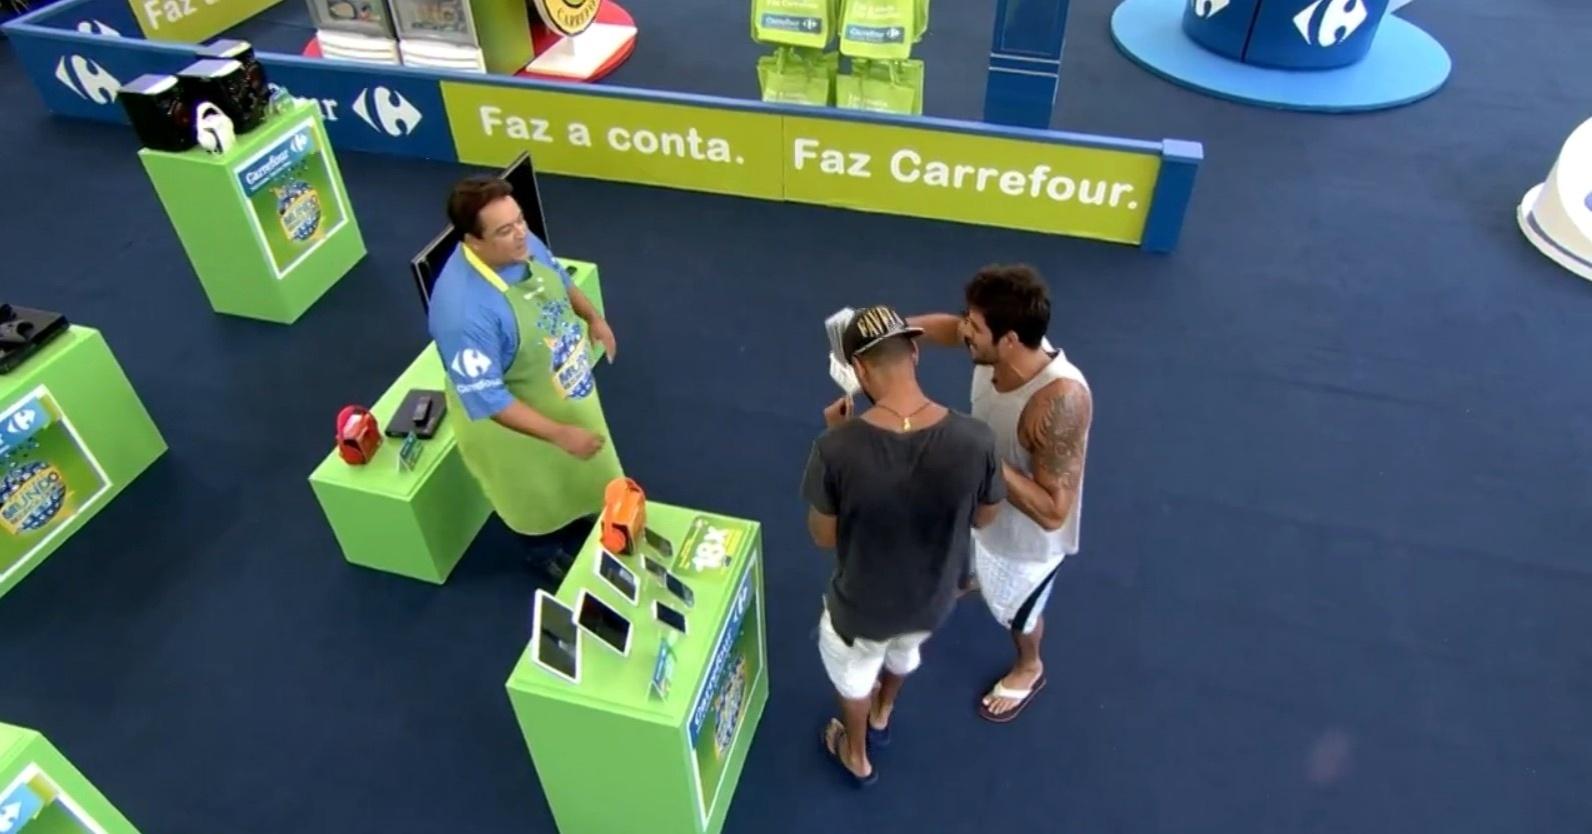 10.mar.2014 - Diego e Valter ganharam prêmios do patrocinador no mercado